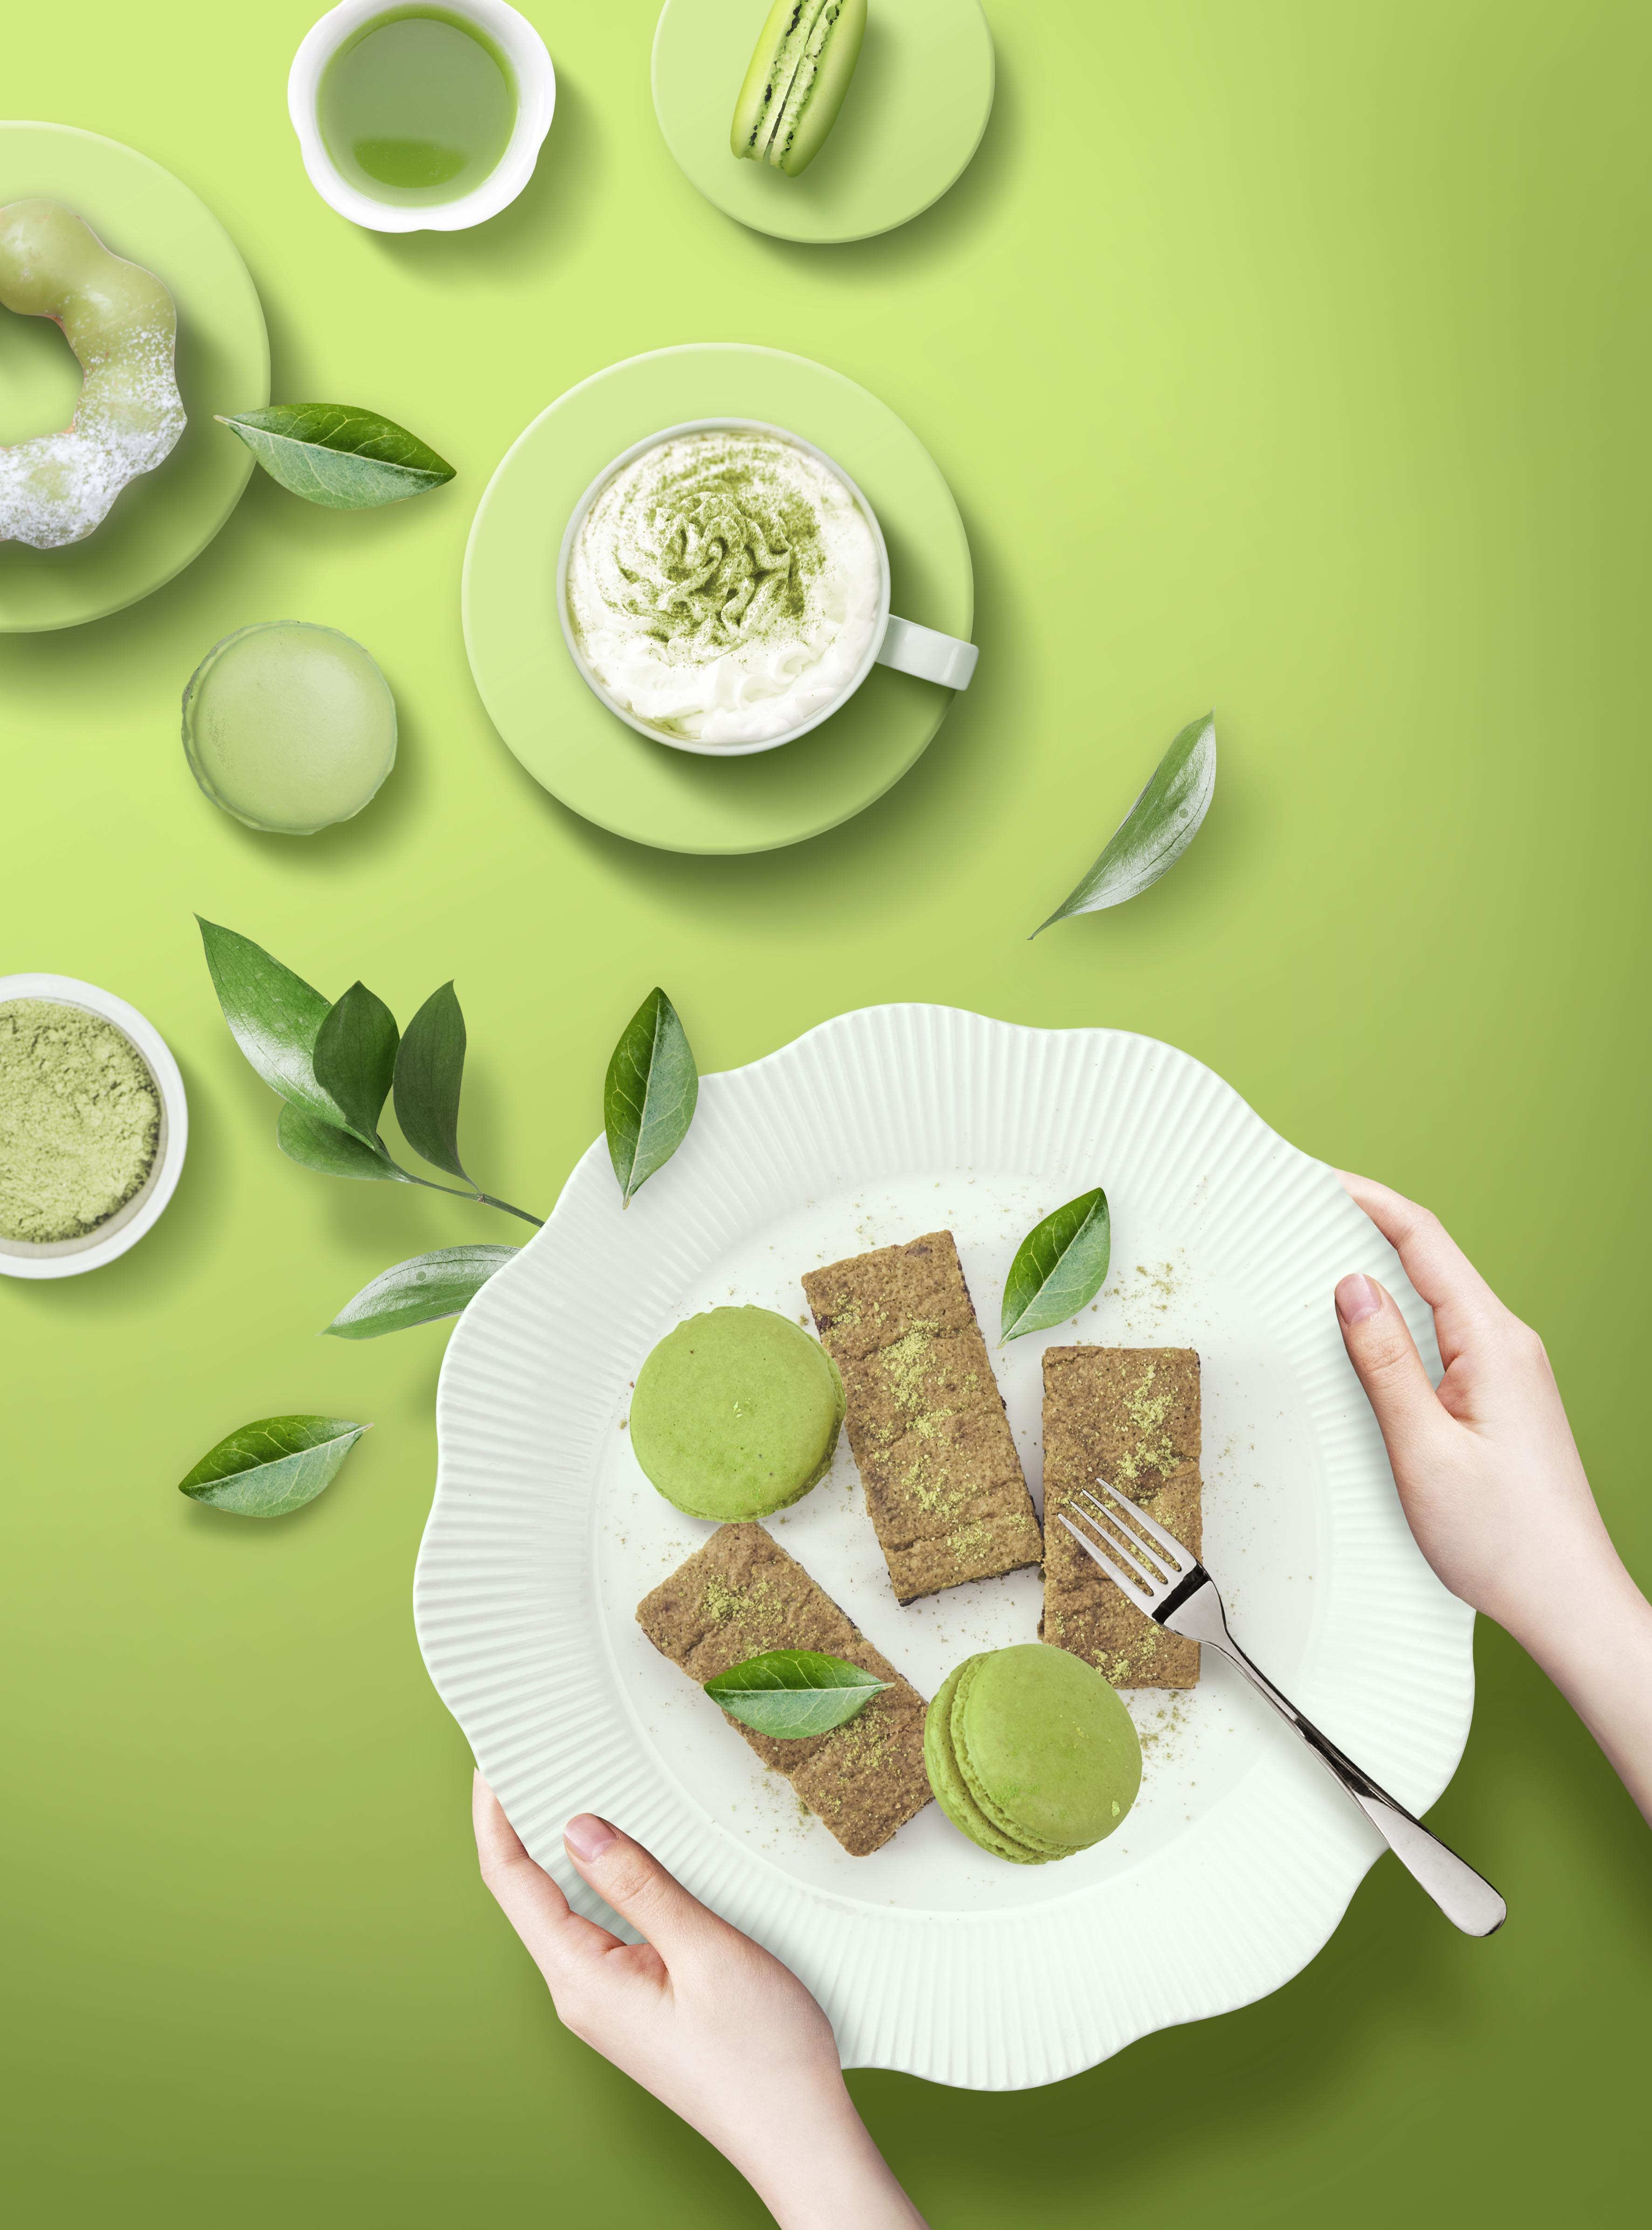 10款奶茶甜品美食蛋糕下午茶传单海报设计PSD素材 Food Poster PSD Template插图7